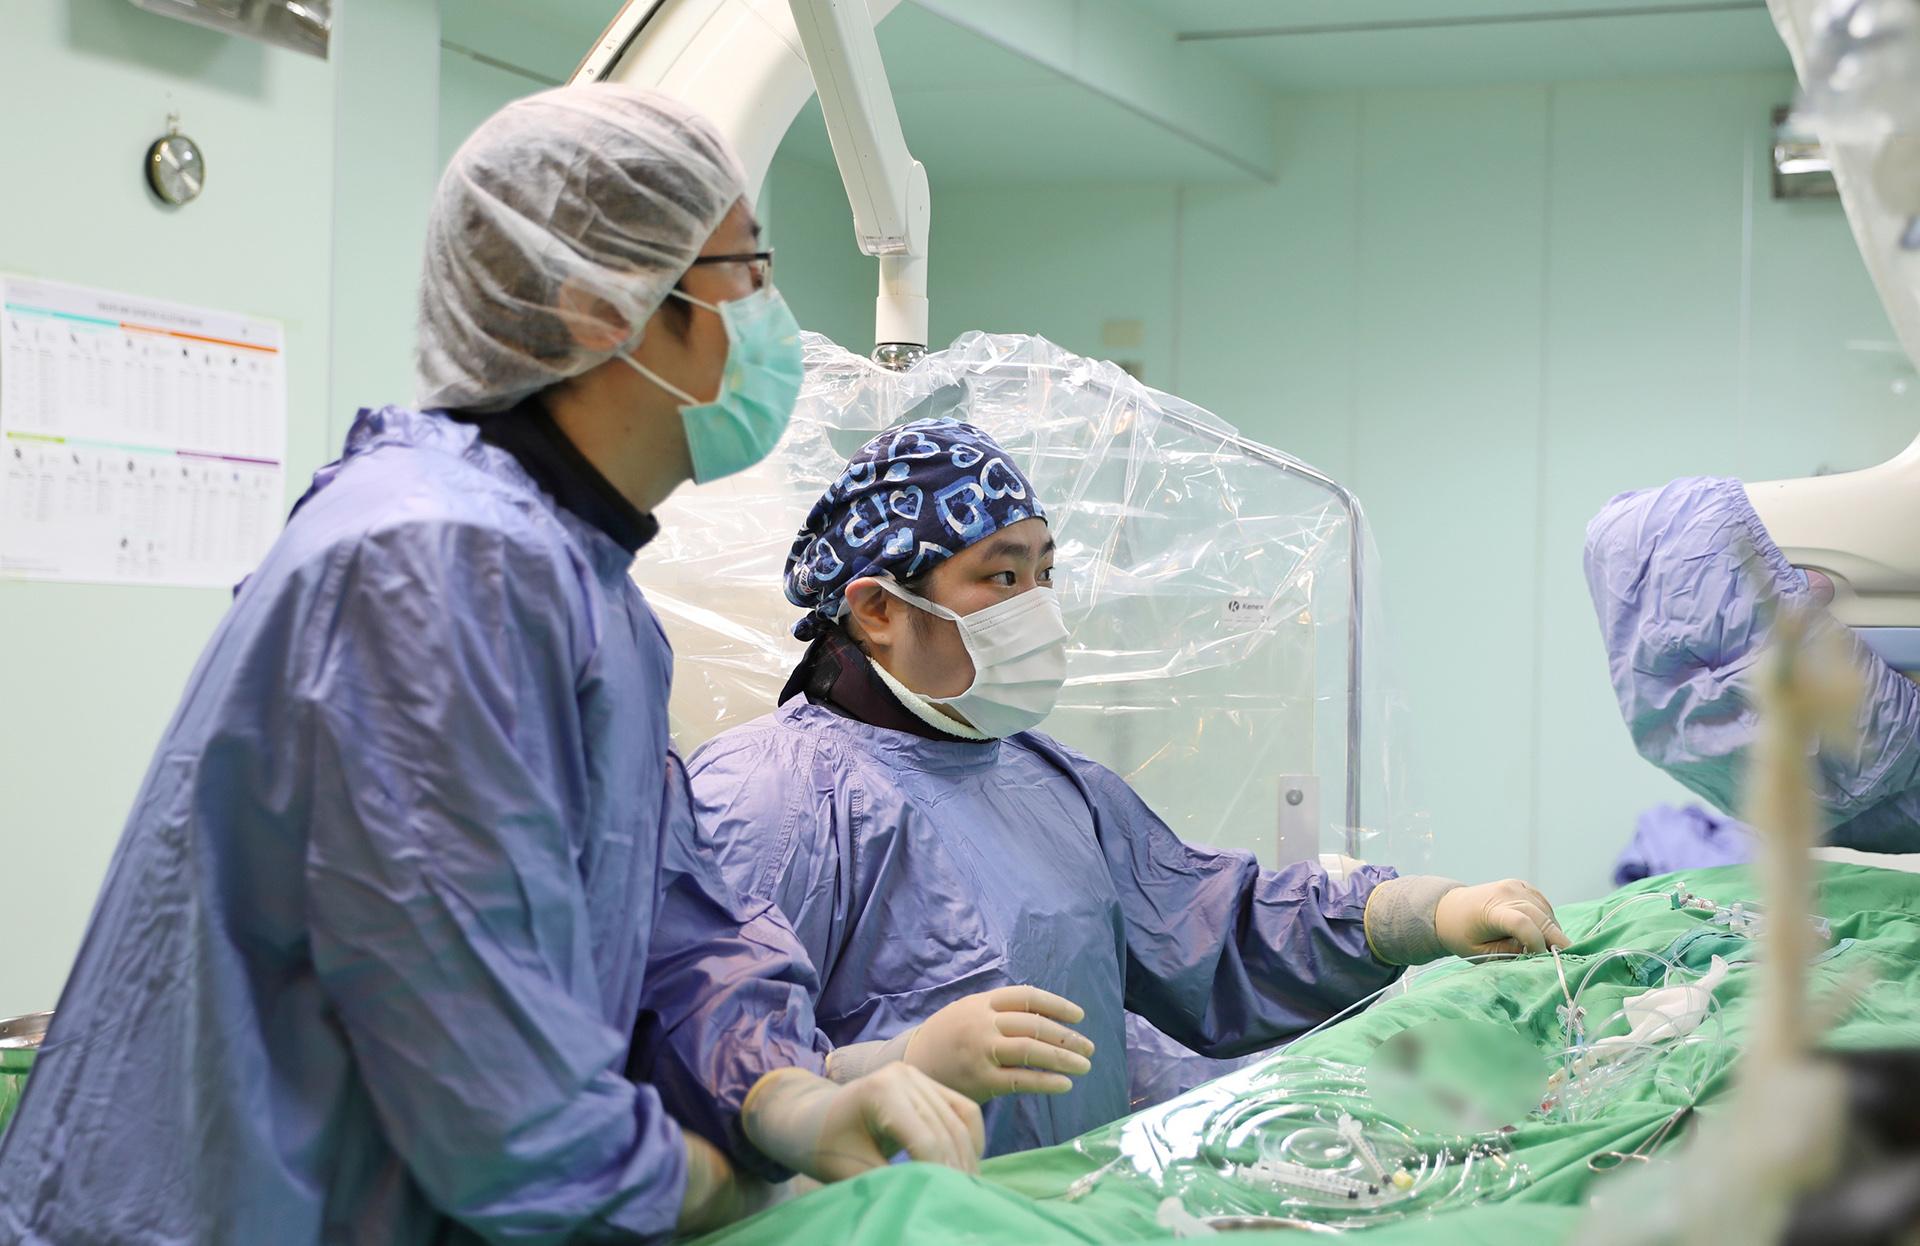 花蓮慈院兒童急重症科主任裘品筠進行心導管手術。